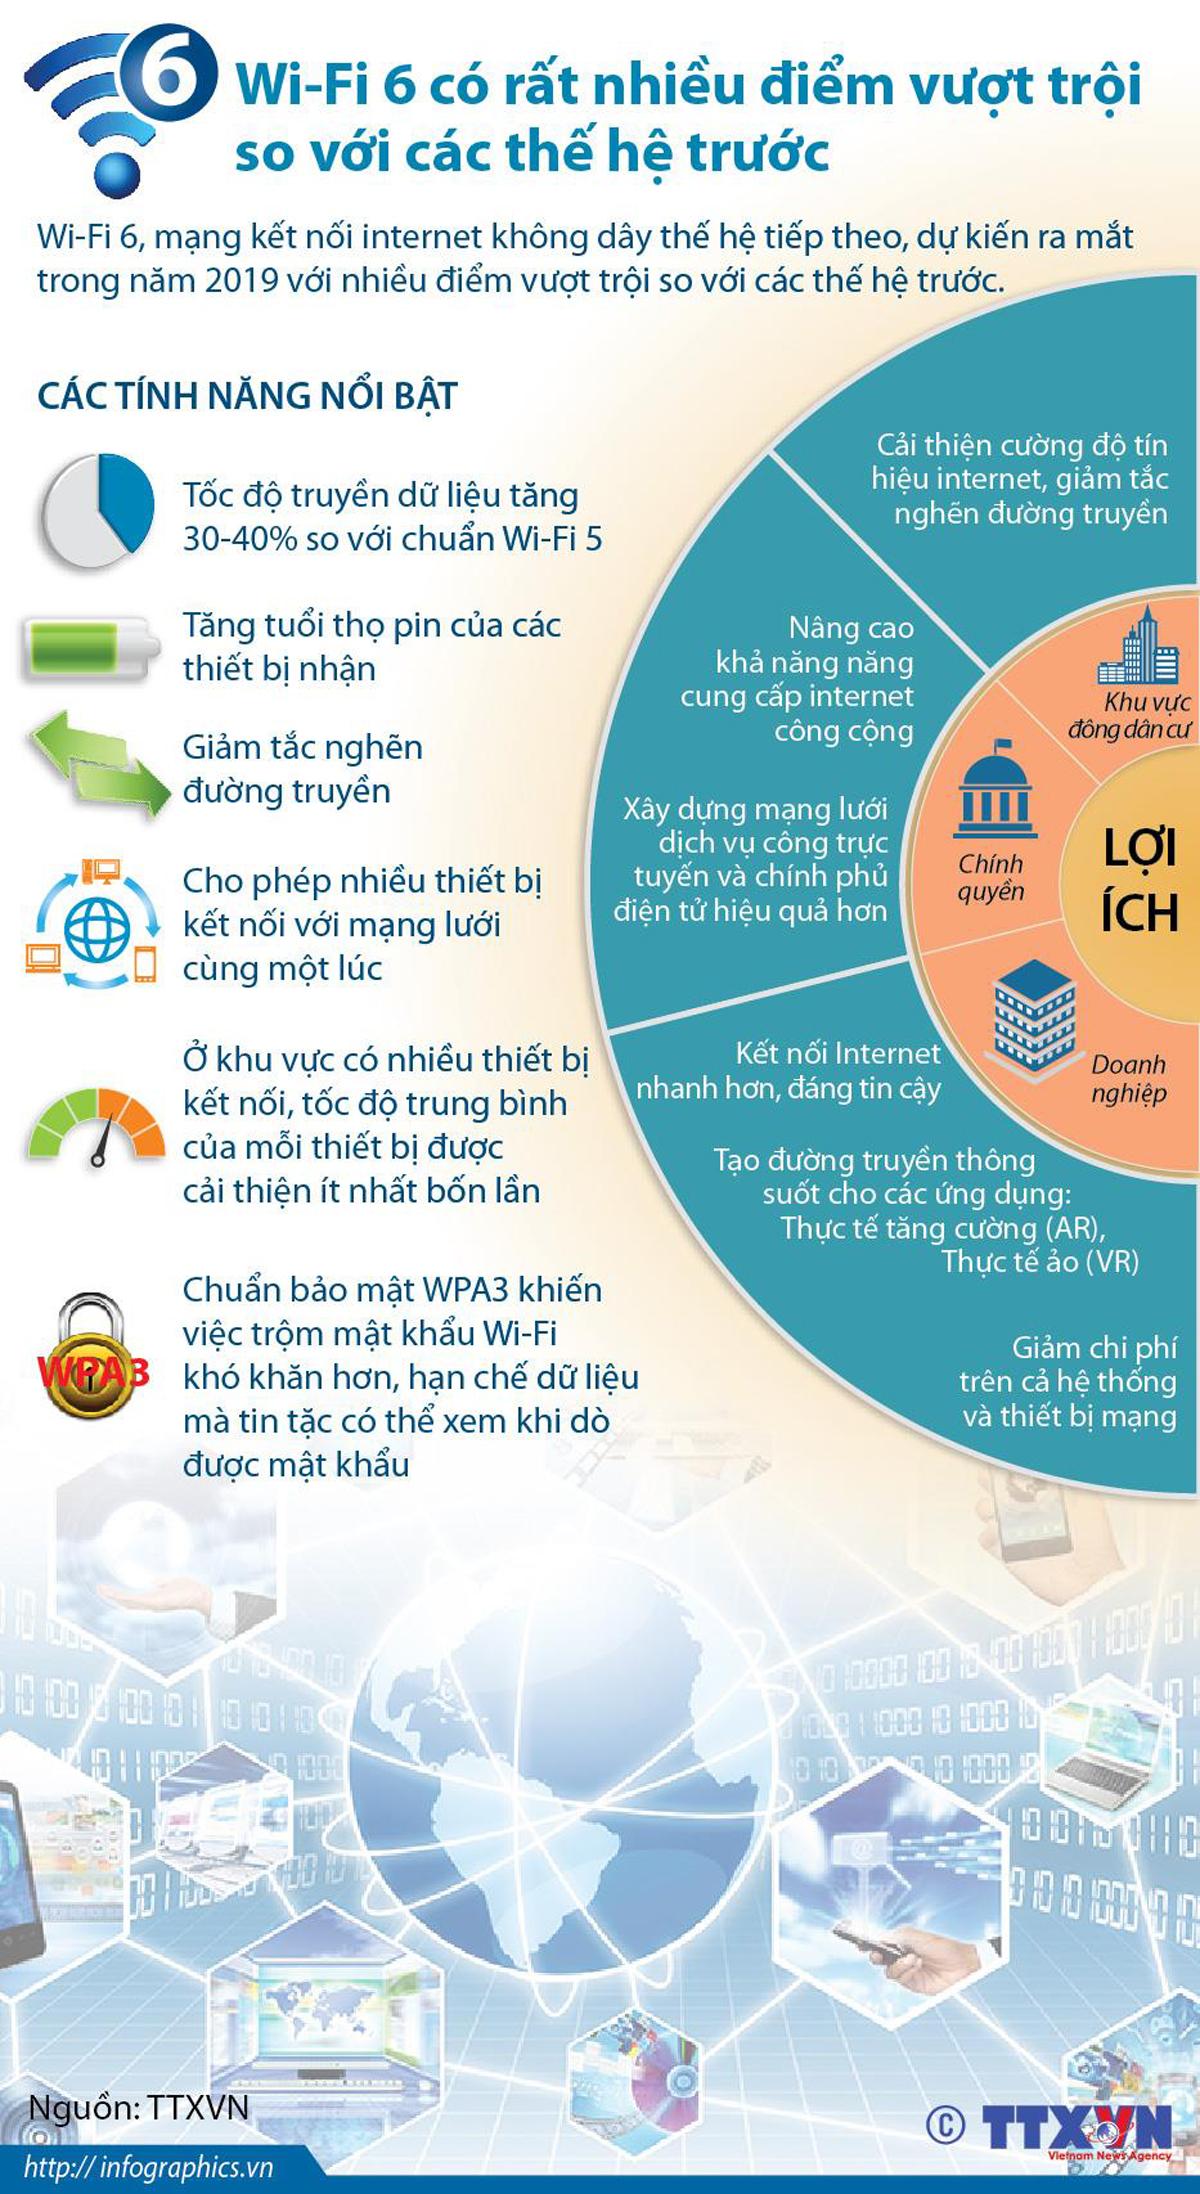 Wi-Fi 6, Kết Nối Internet, Internet Không Dây, Mạng Internet, Infographics